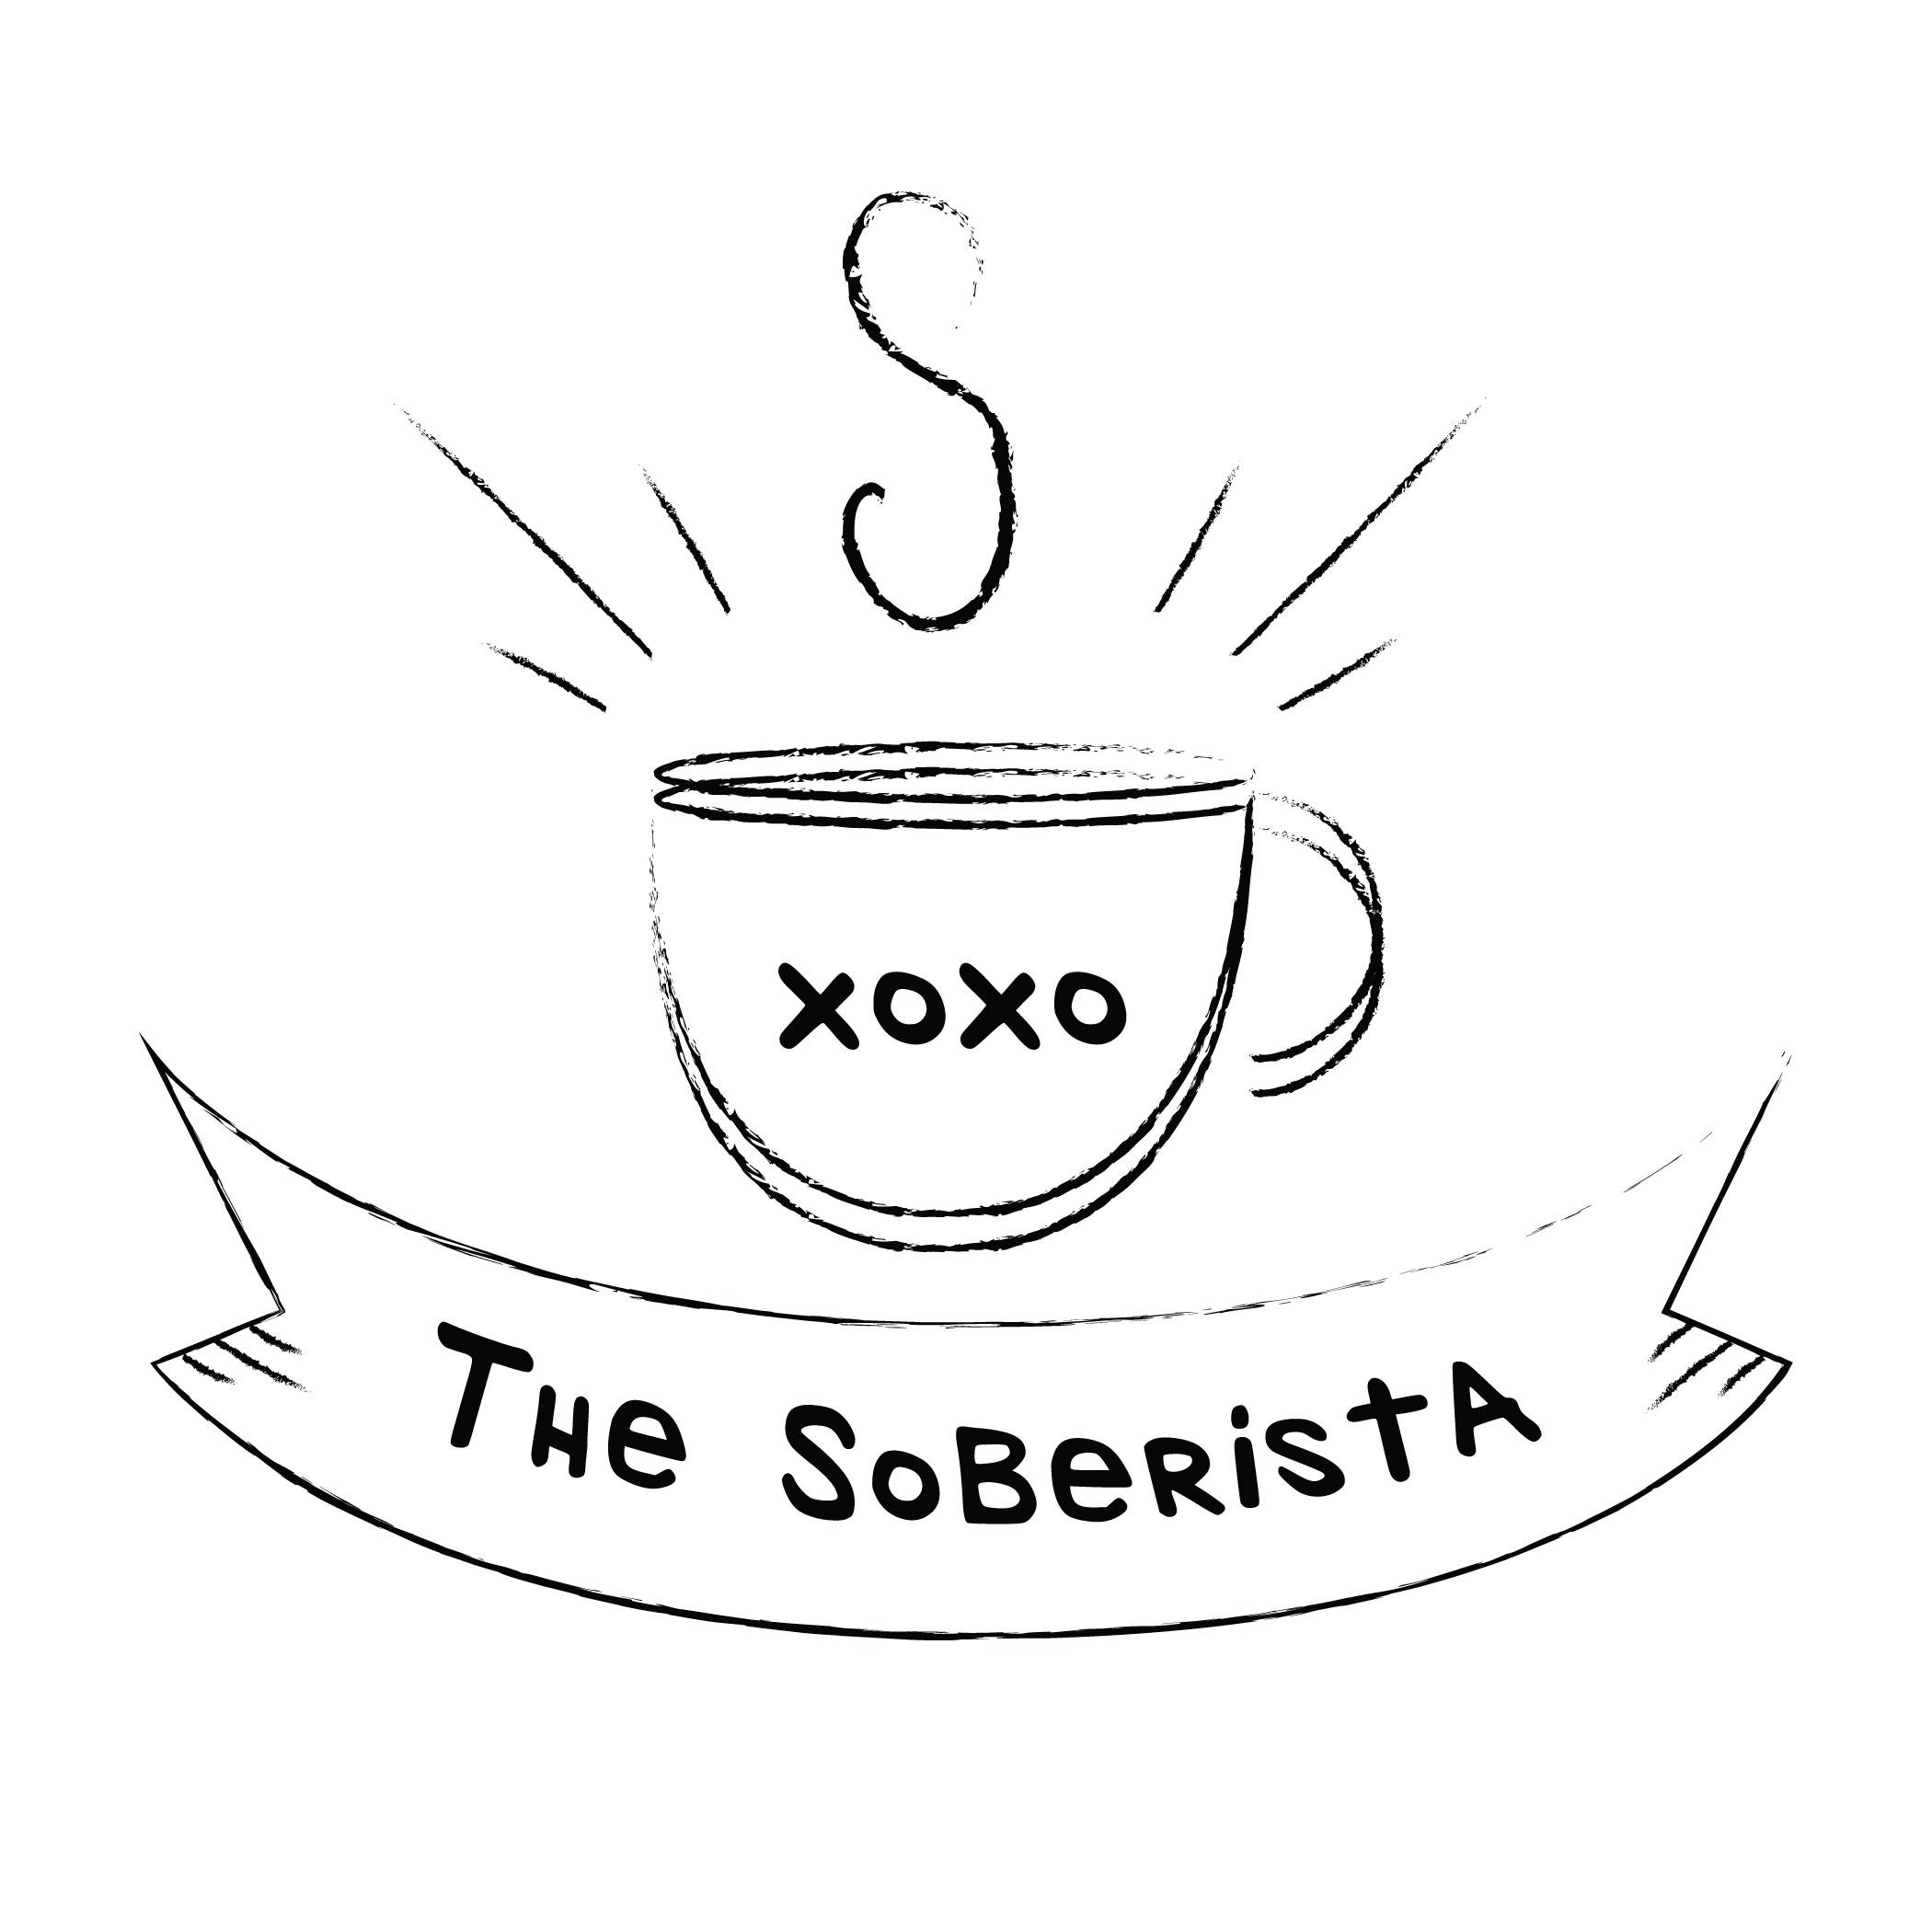 the soberista.